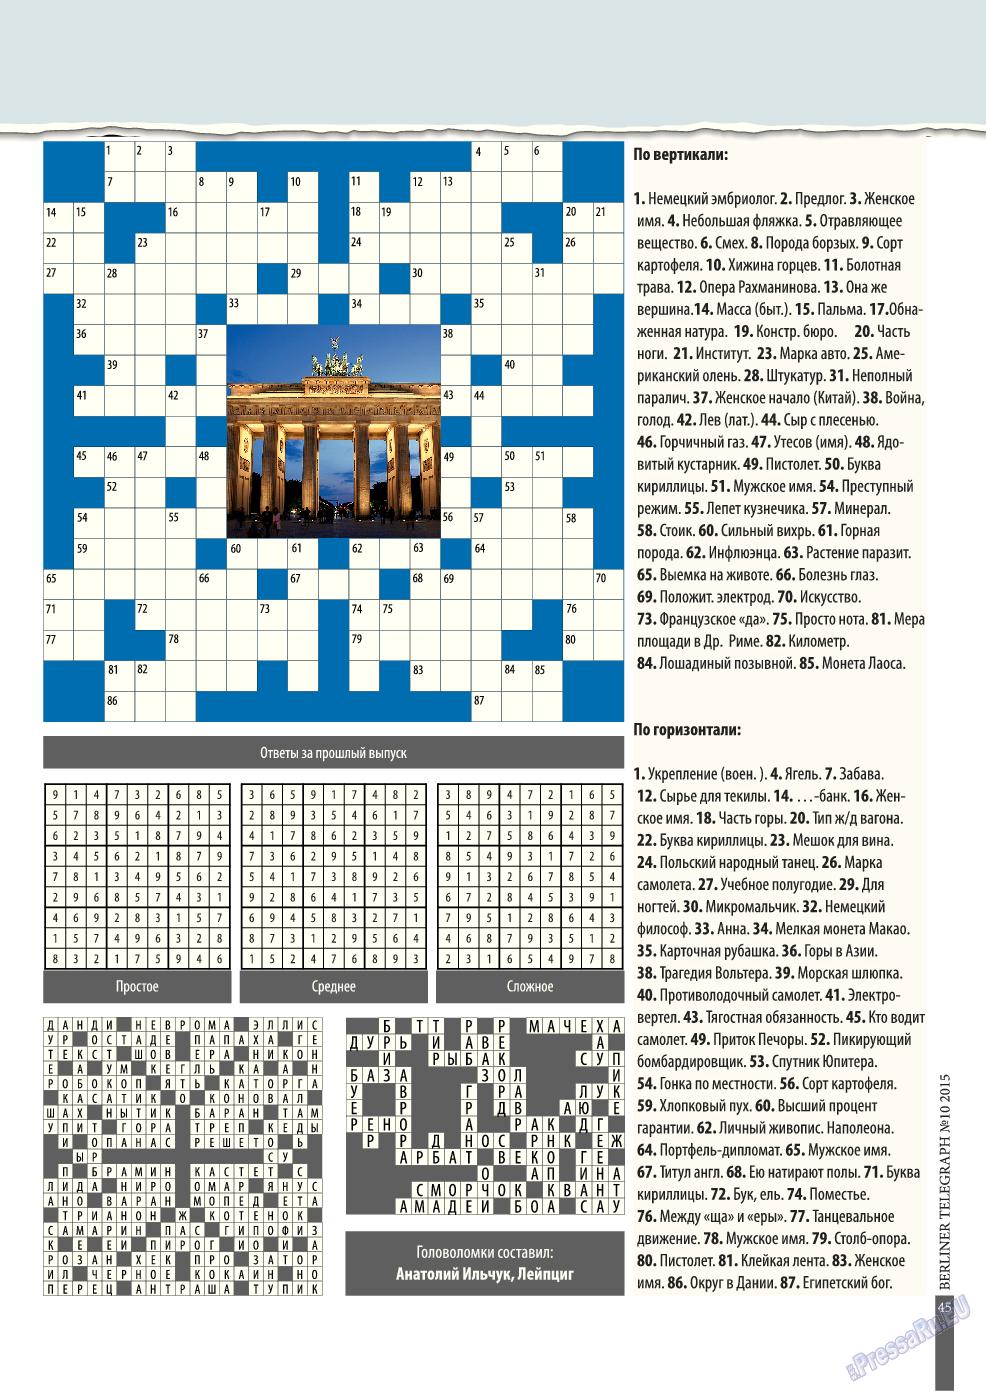 Берлинский телеграф (журнал). 2015 год, номер 11, стр. 45